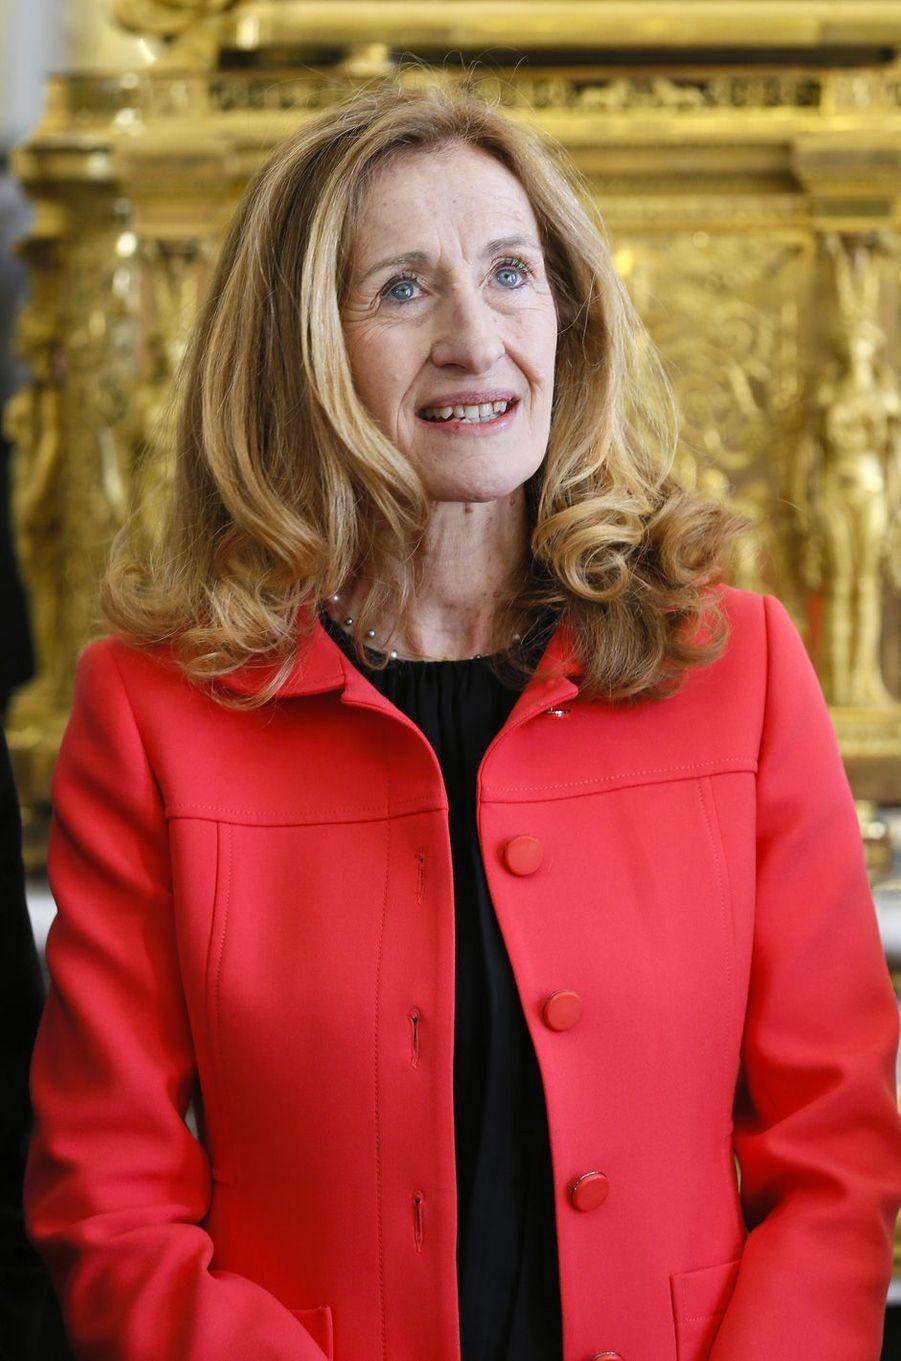 NicoleBelloubeta été nommée mercredi ministre de la Justice et garde des Sceaux.